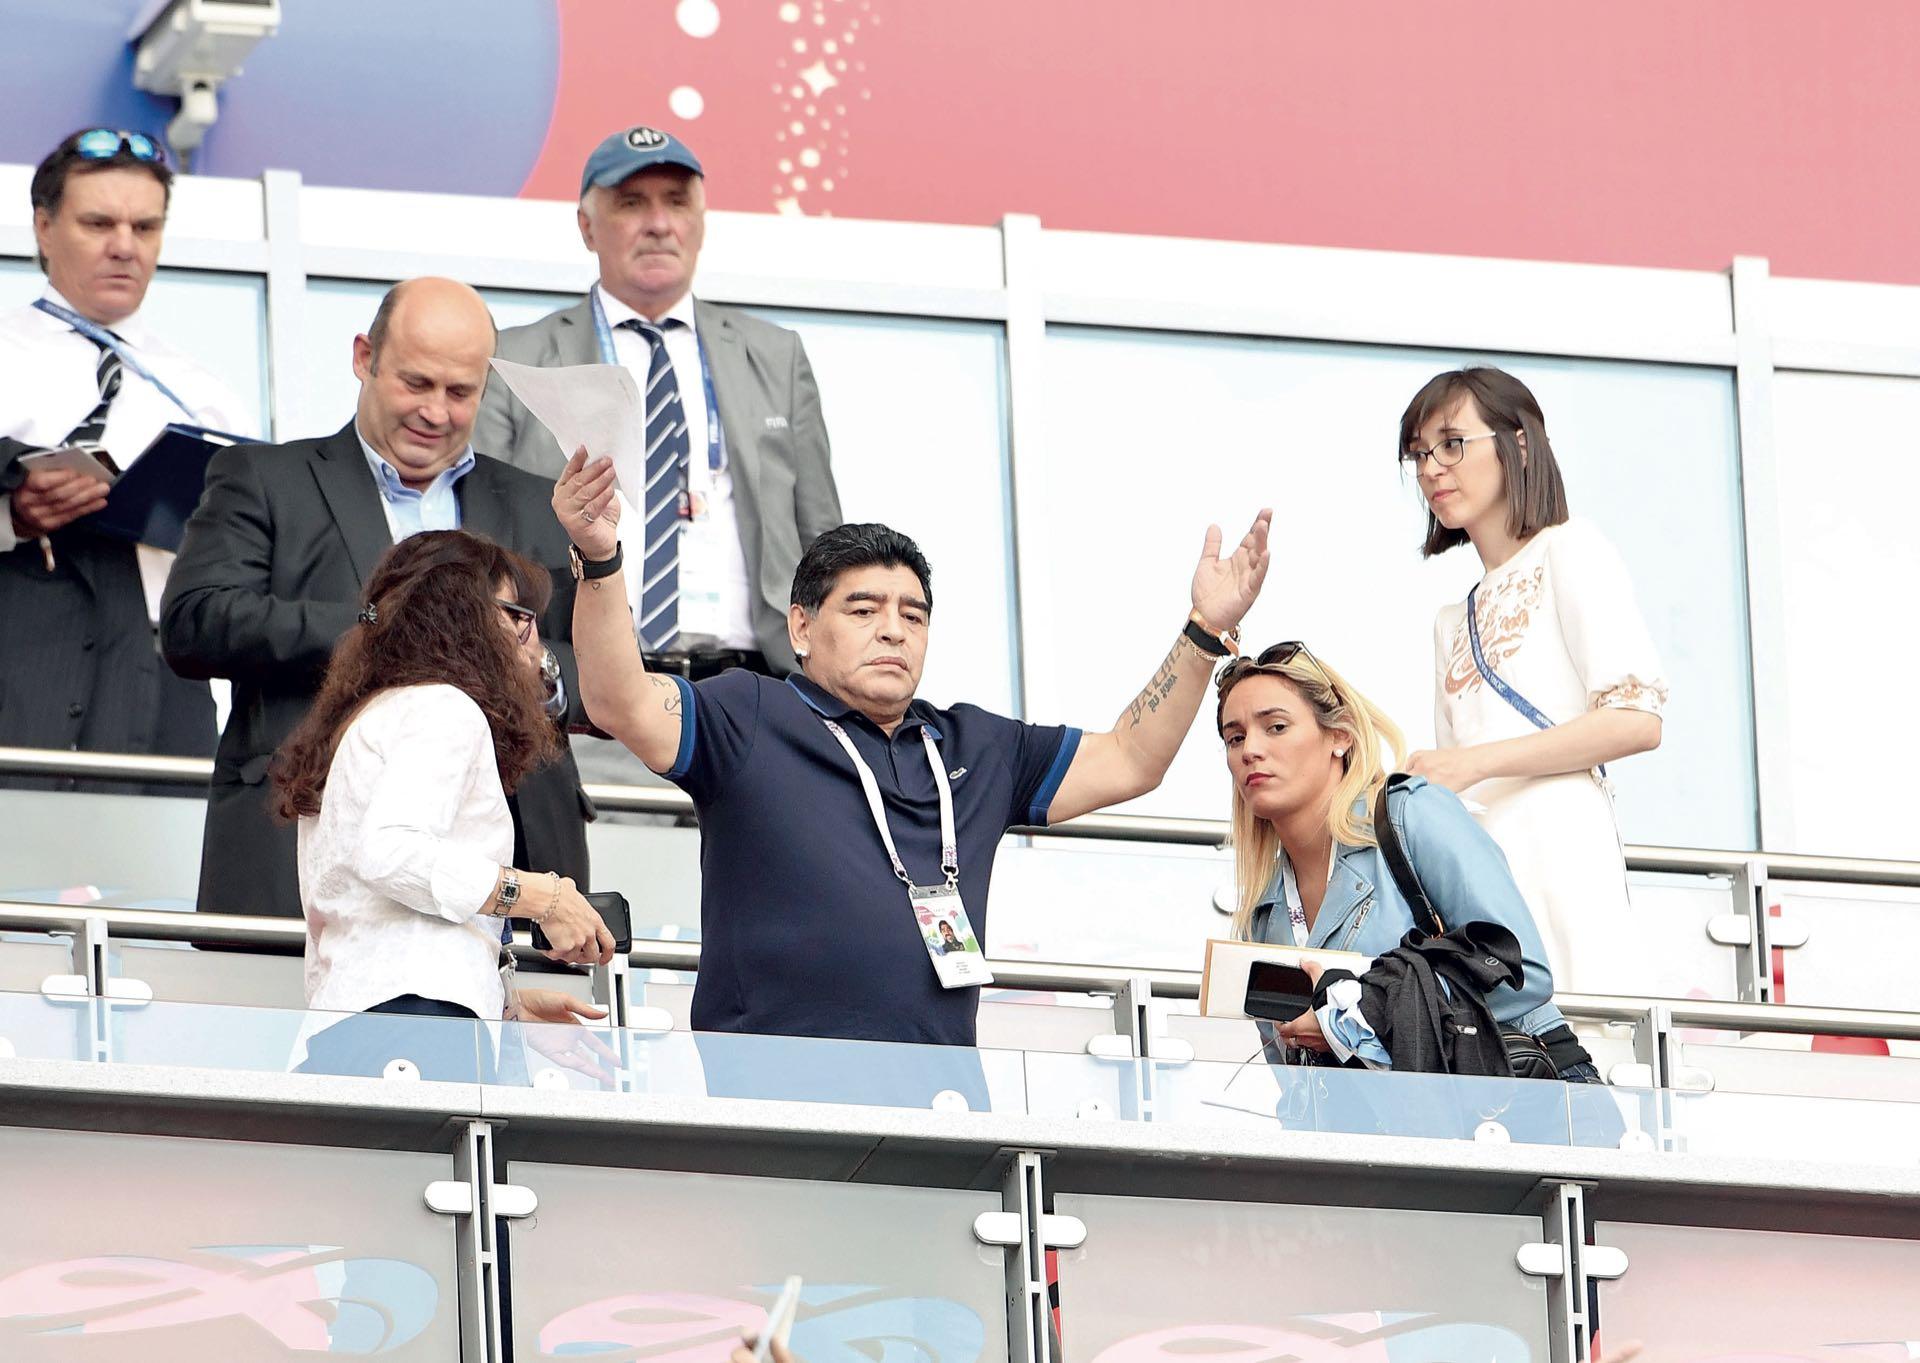 Diego Maradona, acompañado por Rocío Oliva, no se perdió el partido: sufrió, se ilusionó y quedó triste por la eliminación.